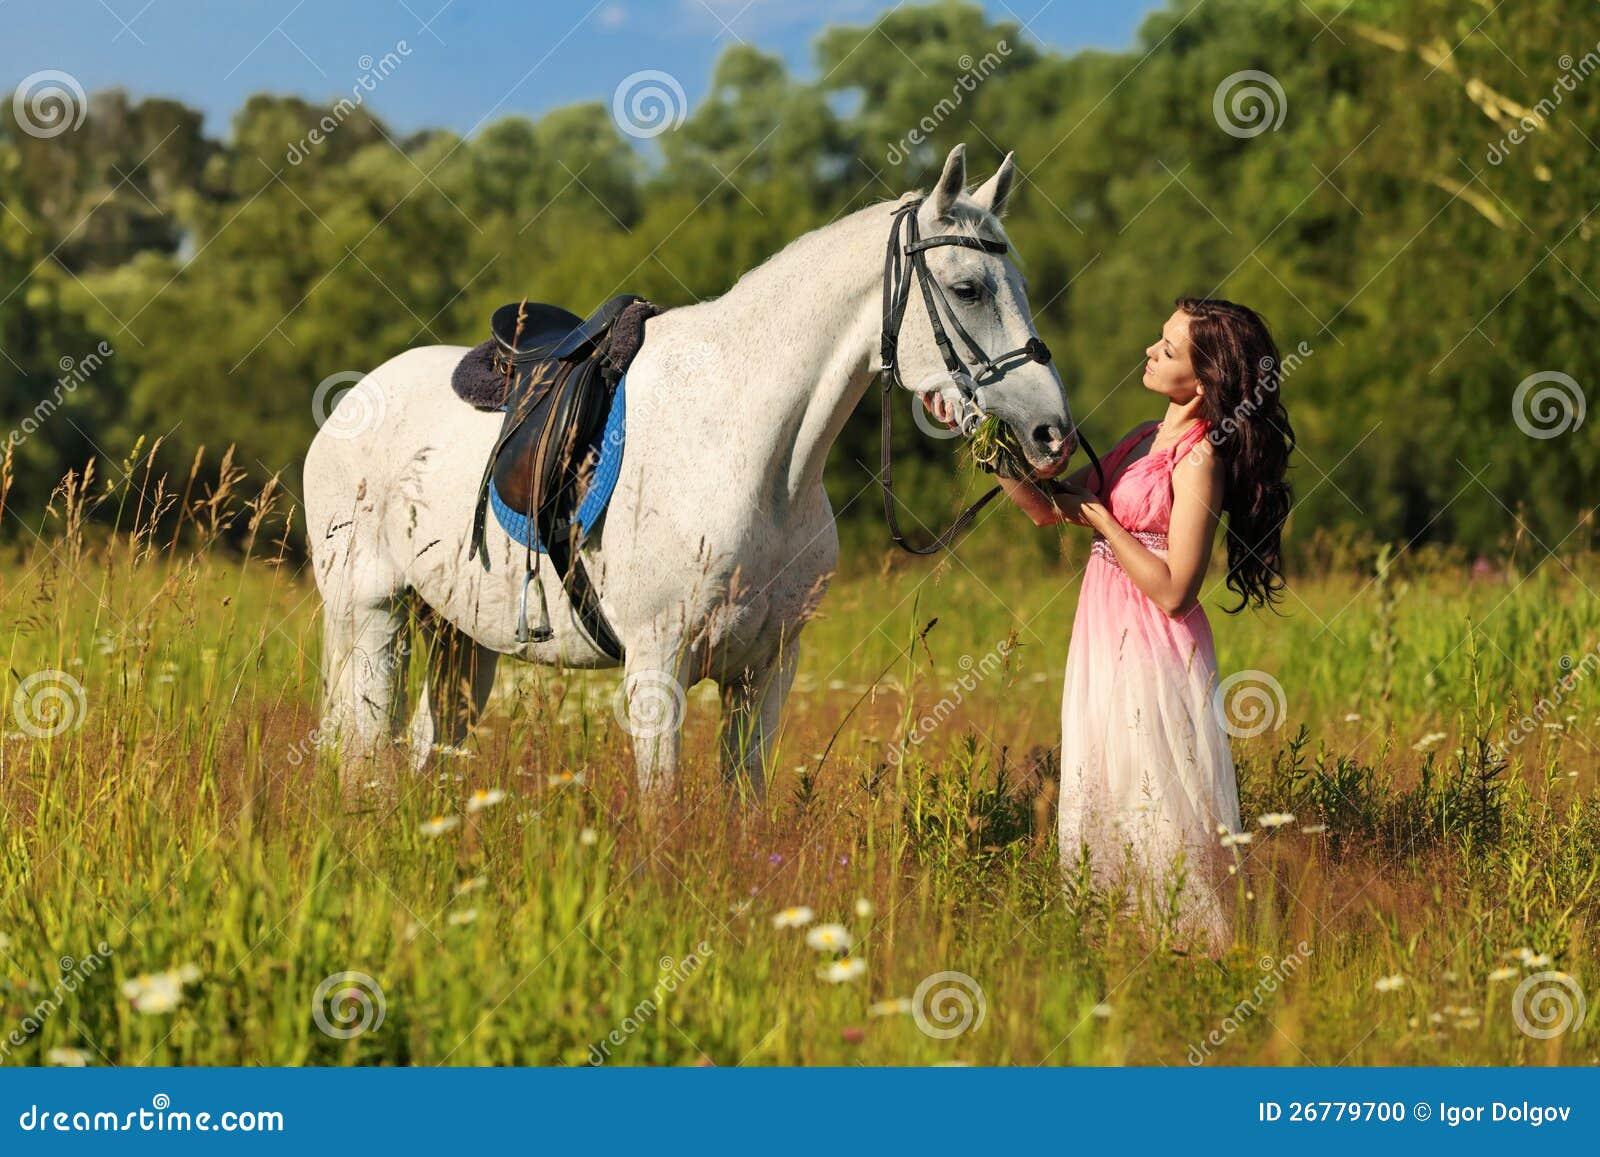 white horse girl